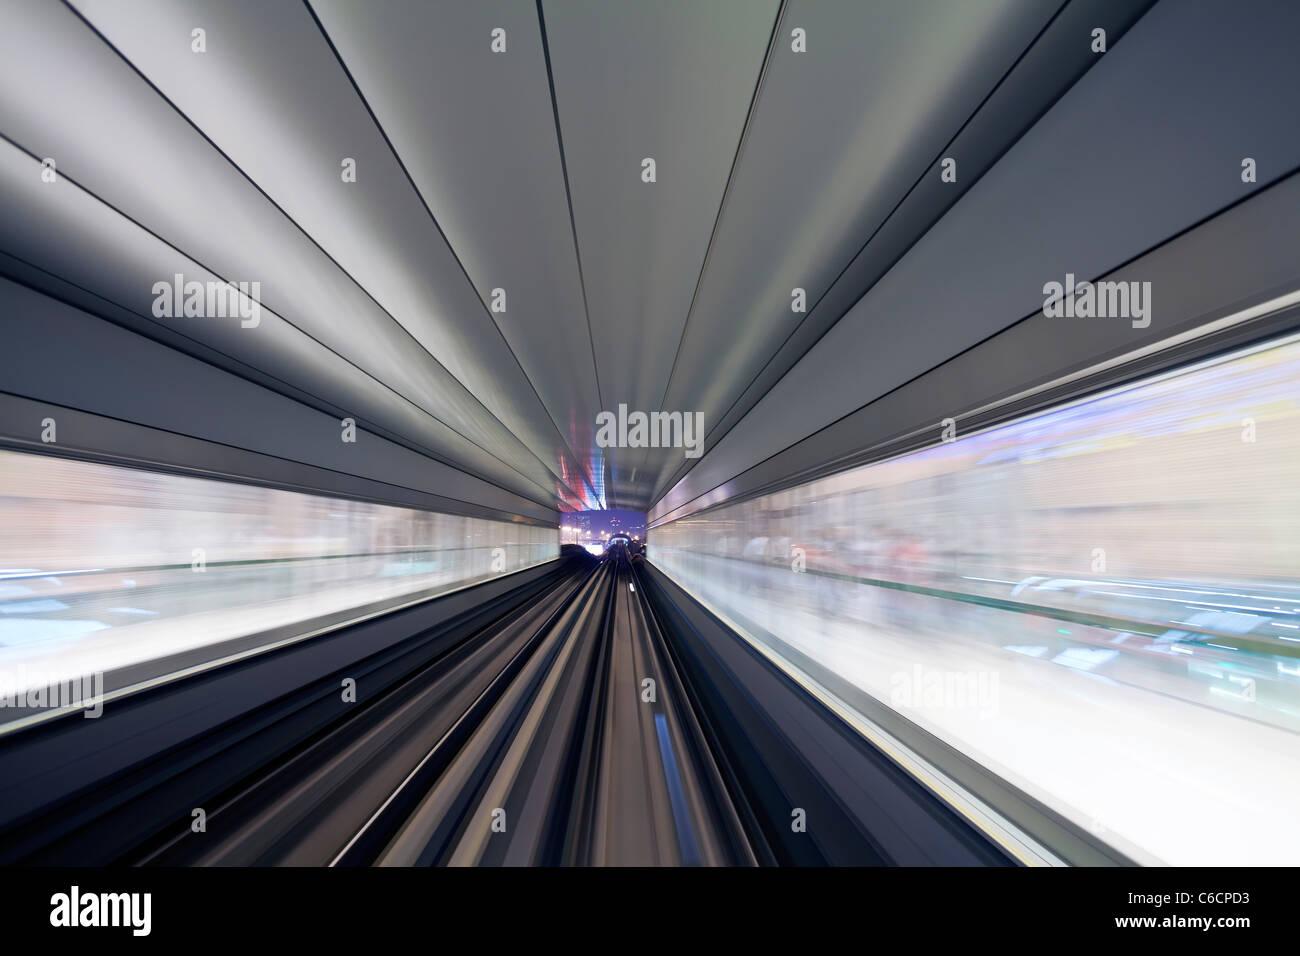 Ouvert en 2010, le métro de Dubaï, MRT, en mouvement approche d'une station, Dubaï, Emirats Arabes Photo Stock